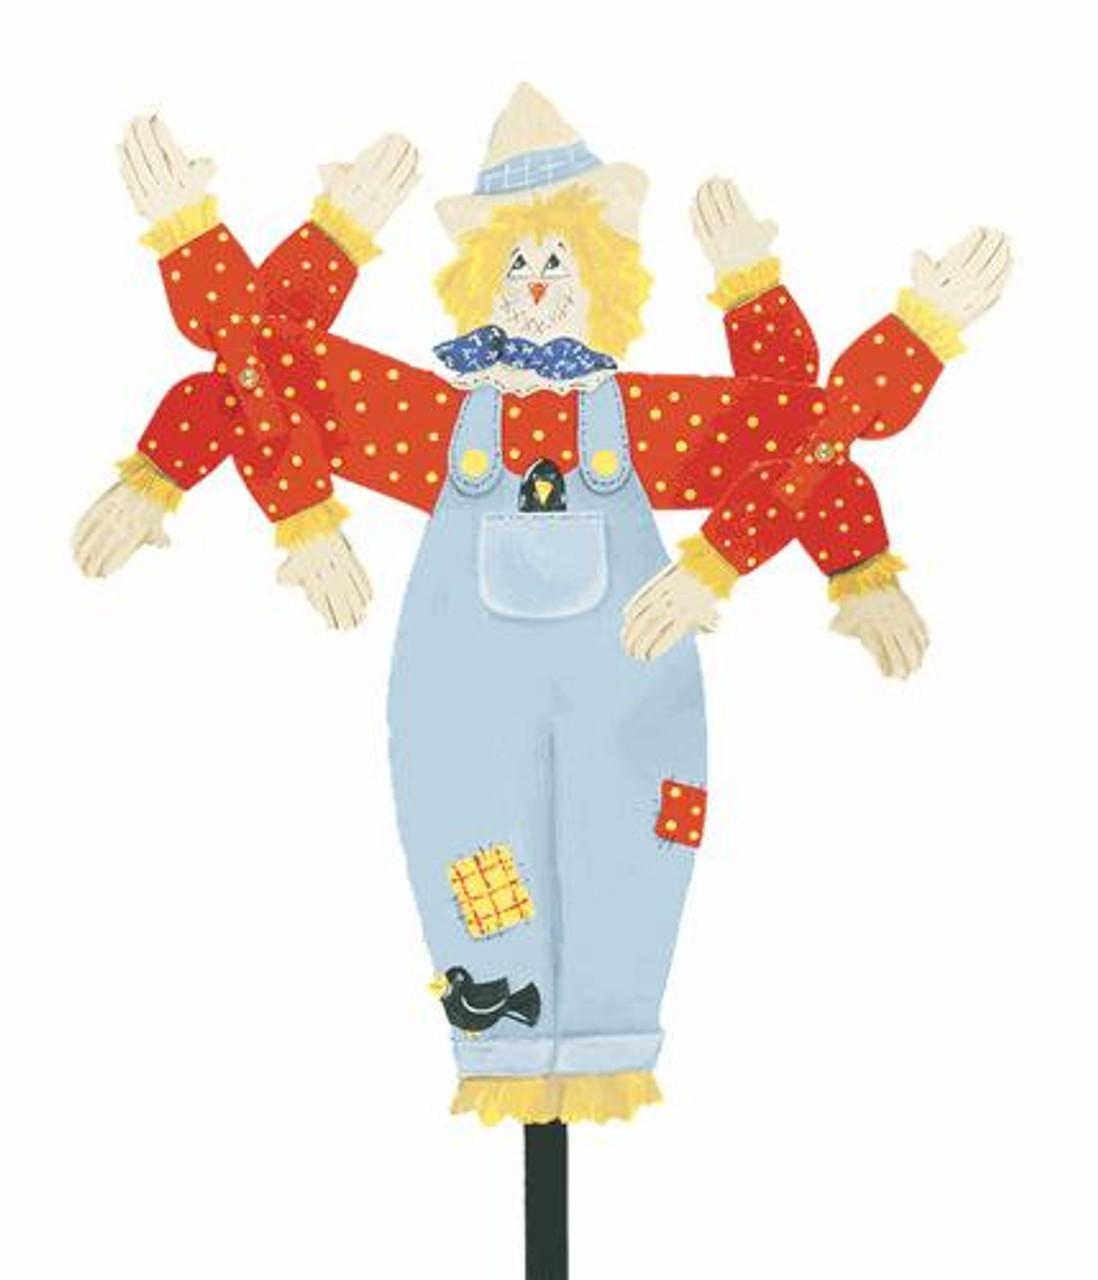 Cherry Tree Toys Scarecrow Whirligig Hardware Kit